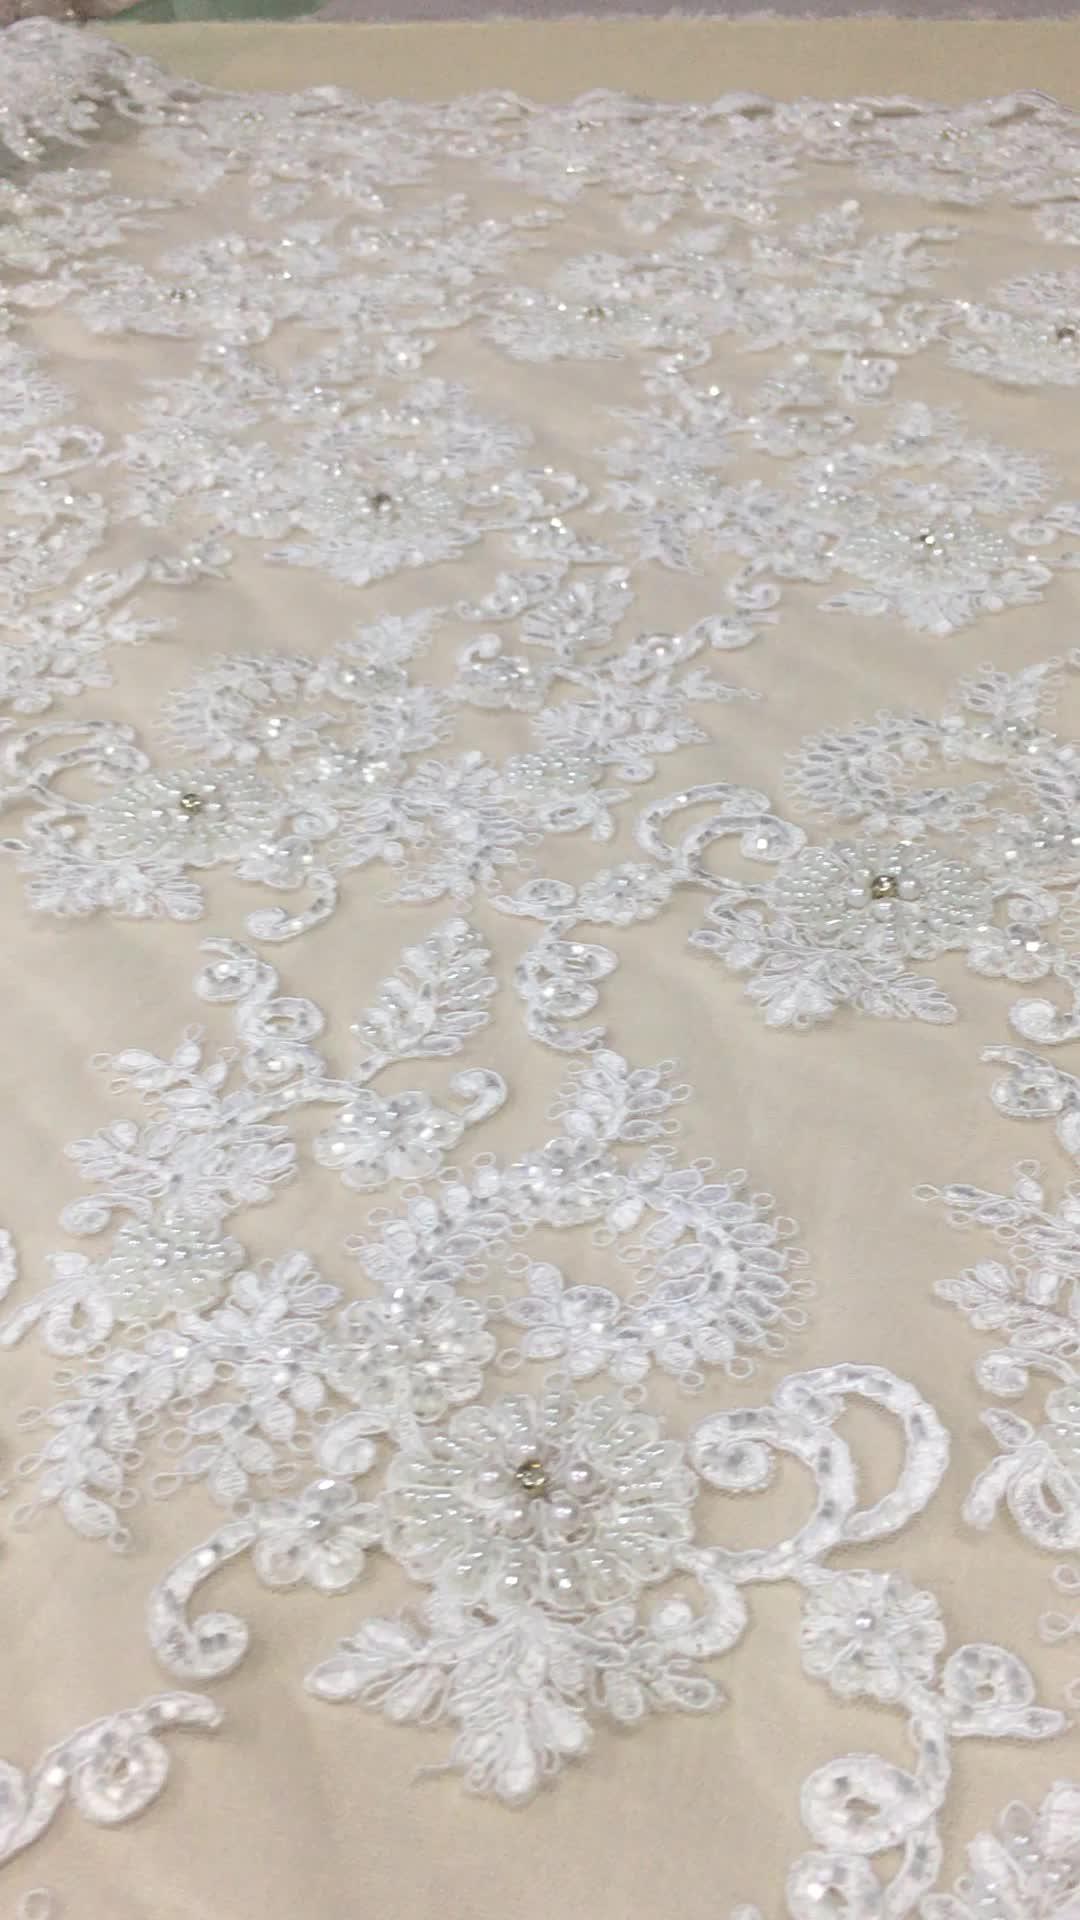 قماش فستان زفاف عالي الجودة مع جميع أنحاء الحبل الثقيل الدانتيل اليد مطرز الأحجار نسيج مطرز أقمشة الدانتيل